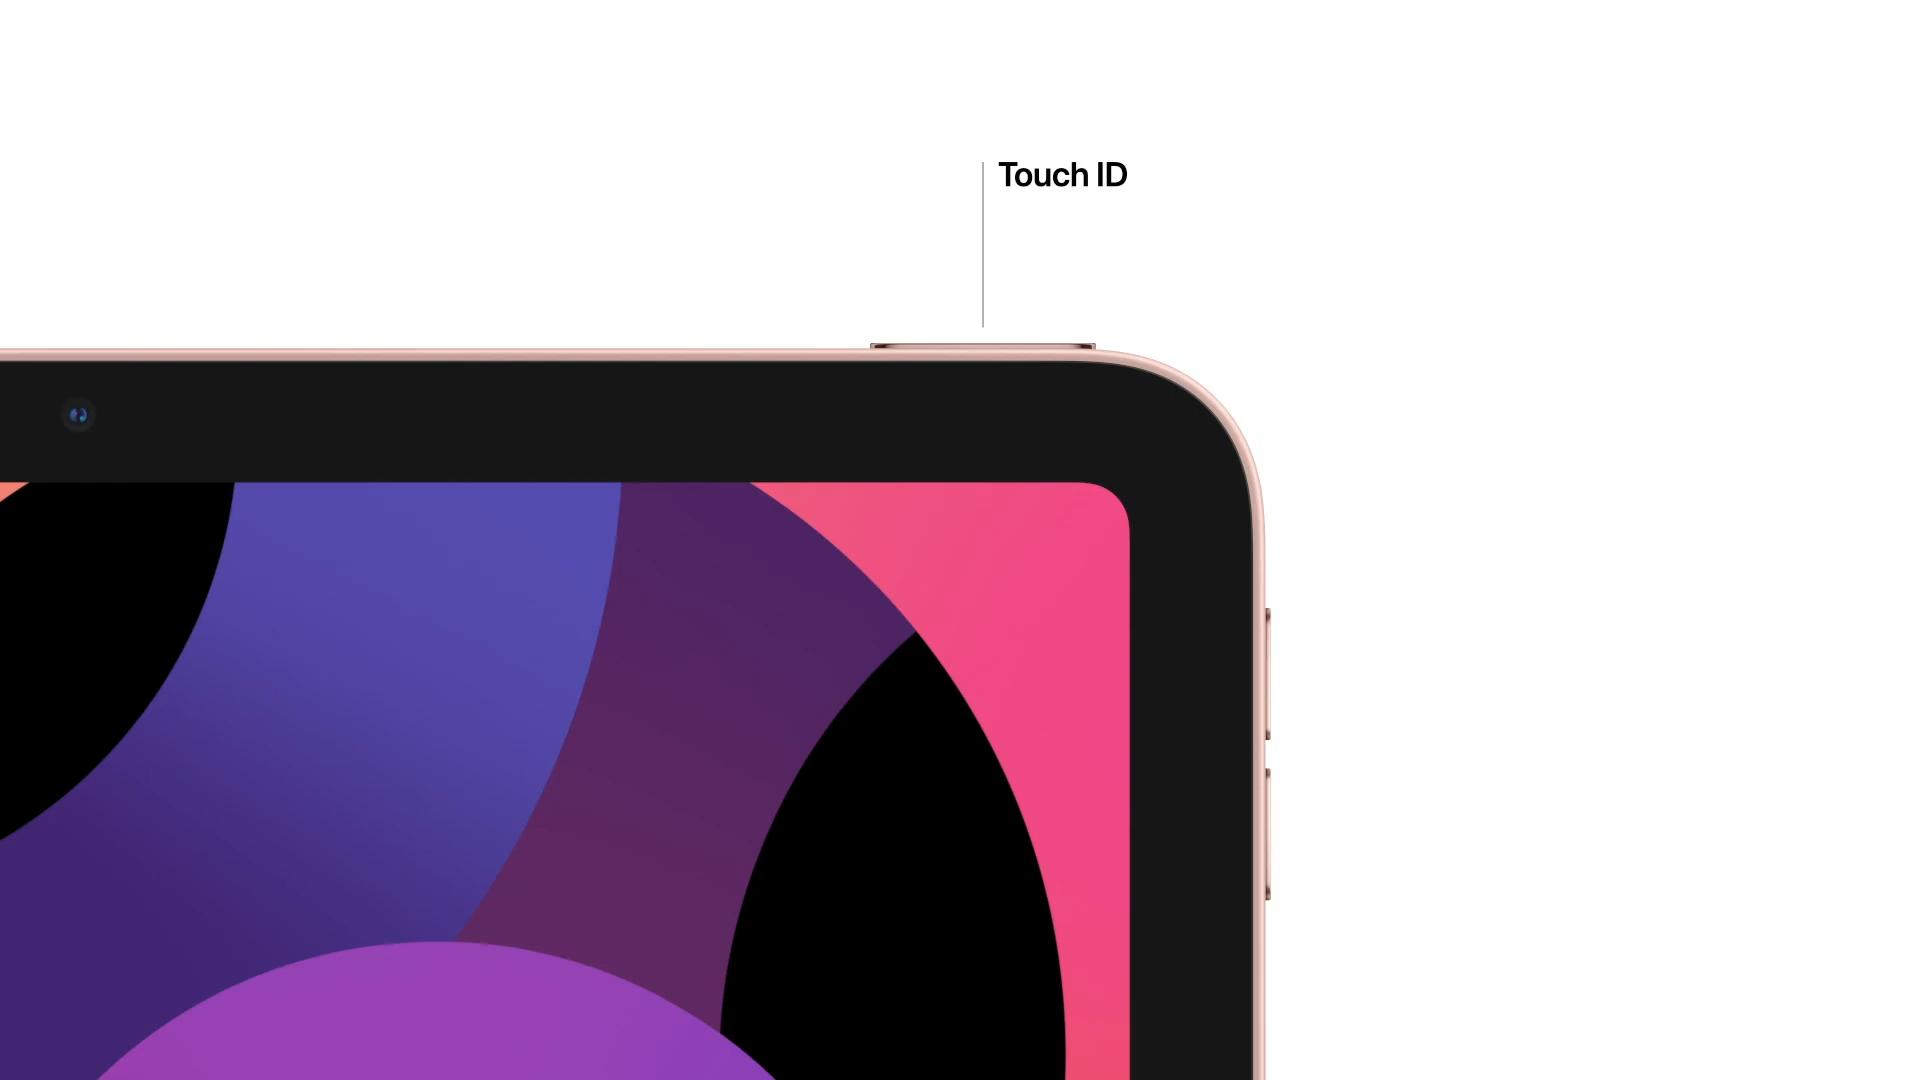 新一代iPad Air正式发布:A14 处理器、10.9寸屏幕、支持USB-C